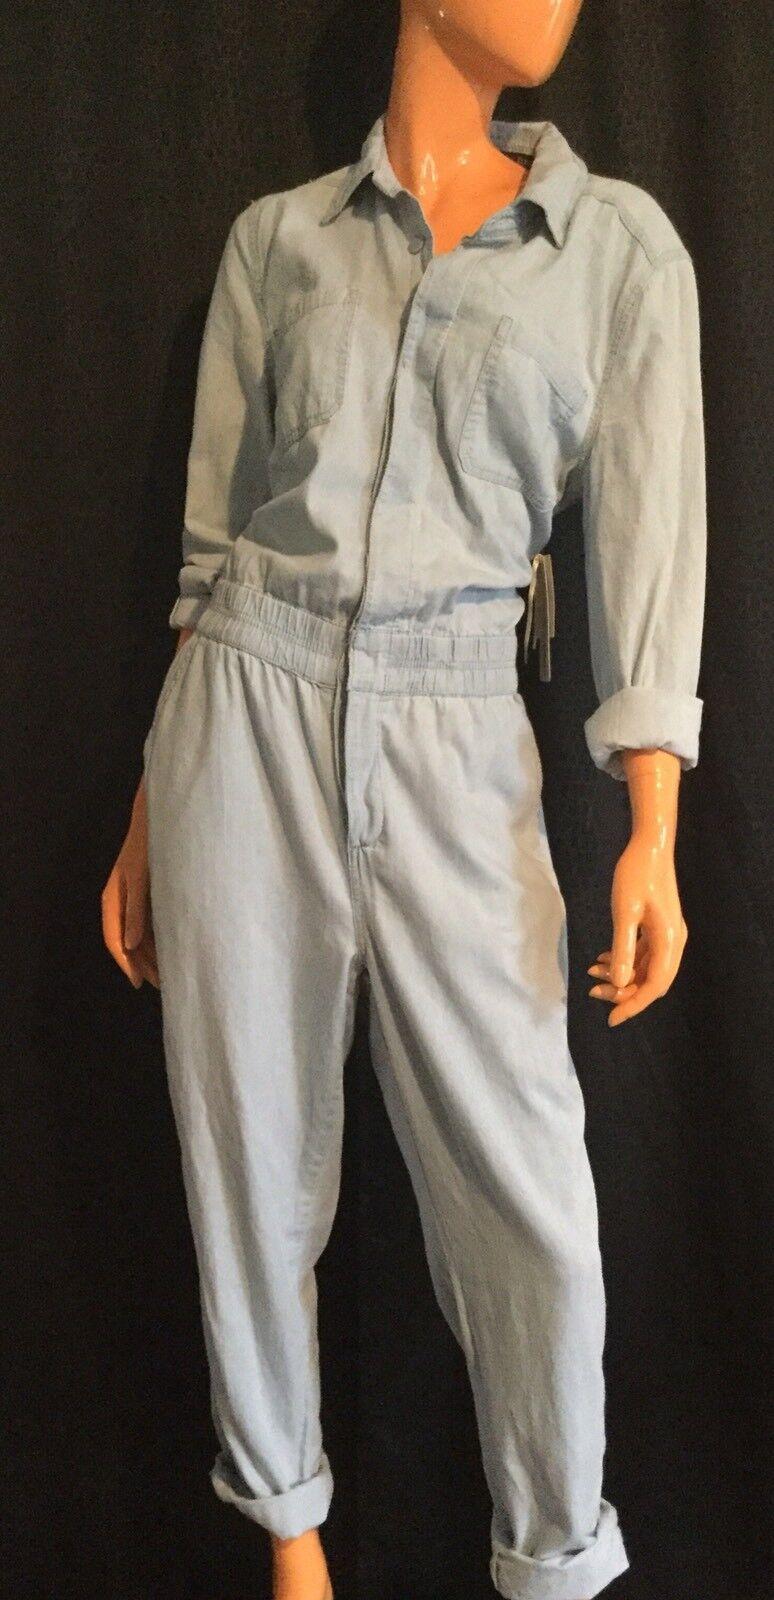 Women One 1 Piece Full Length Jumper bluee Denim Jumpsuit Pantsuit Romper M Large